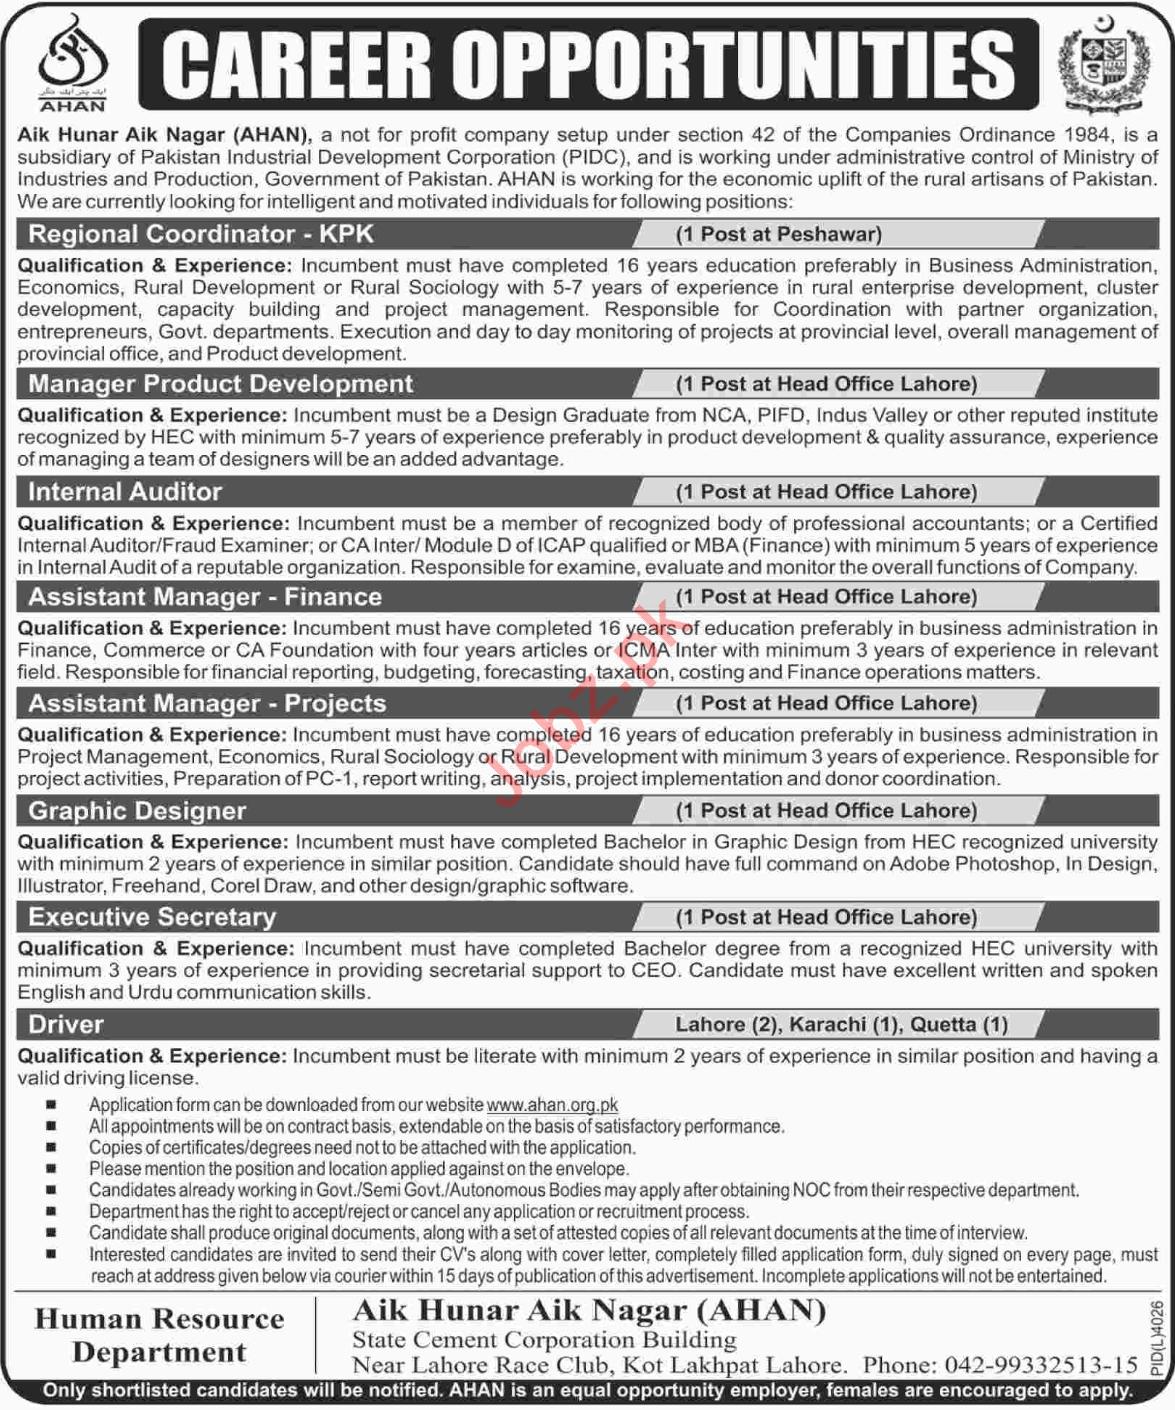 AHAN Aik Hunar Aik Nagar Lahore NGO Jobs 2018